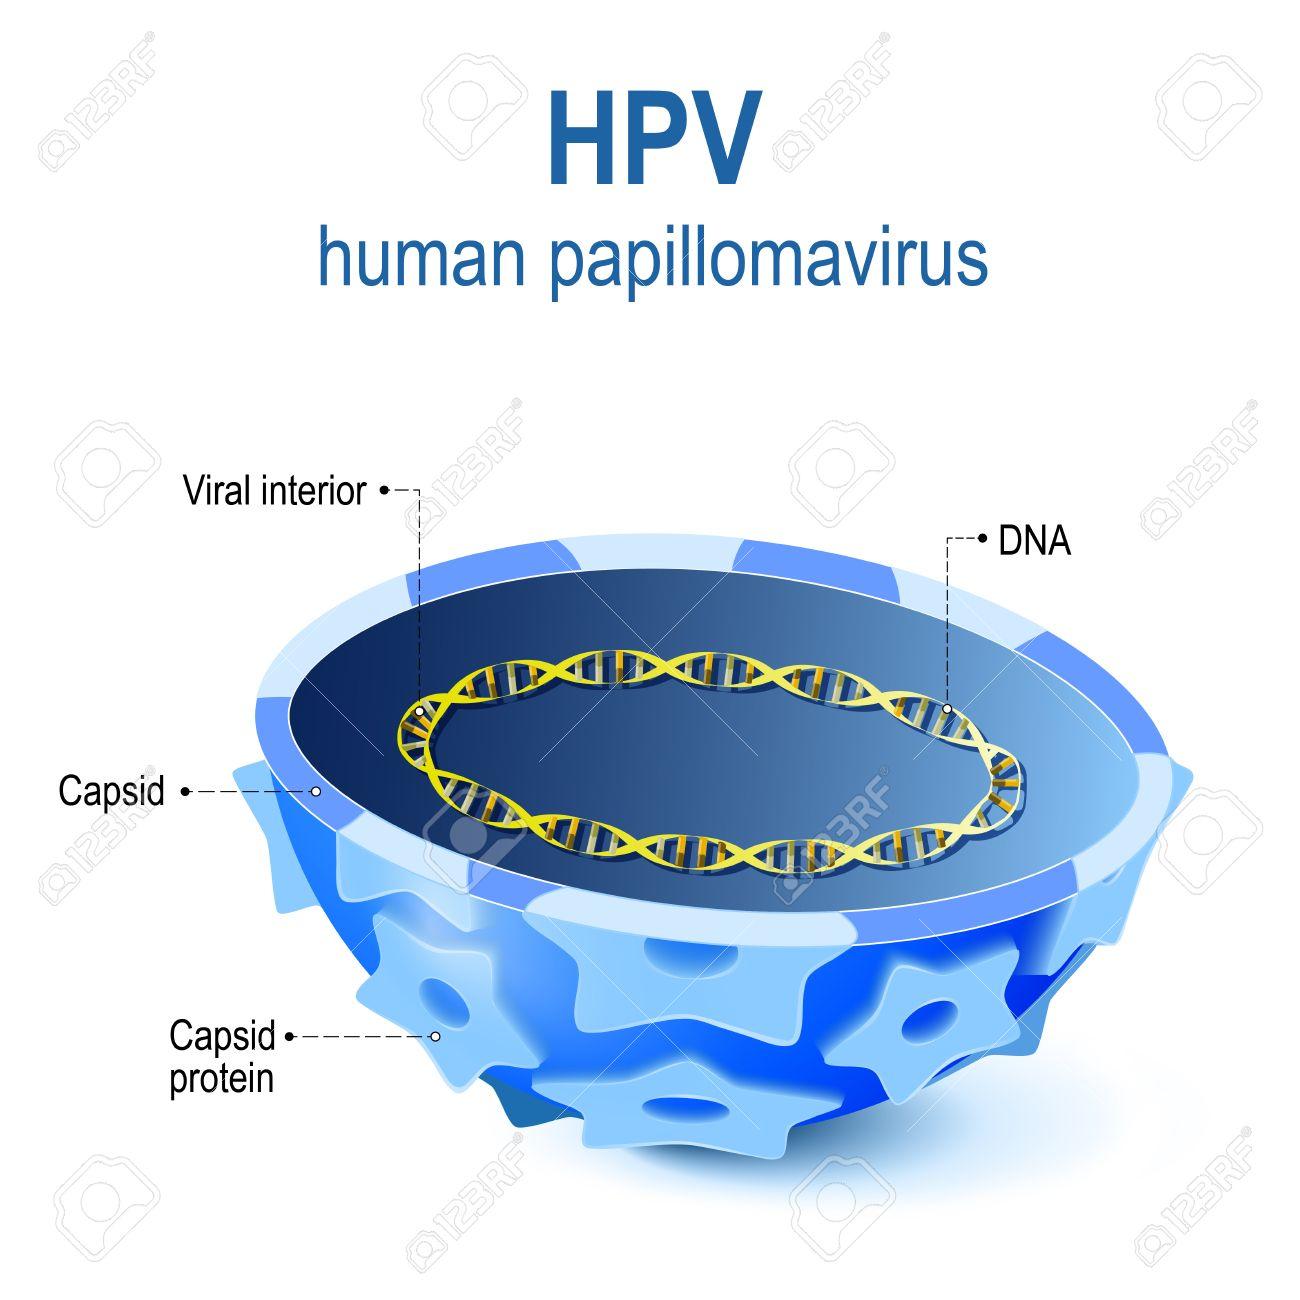 human papillomavirus structure human papillomavirus usmle